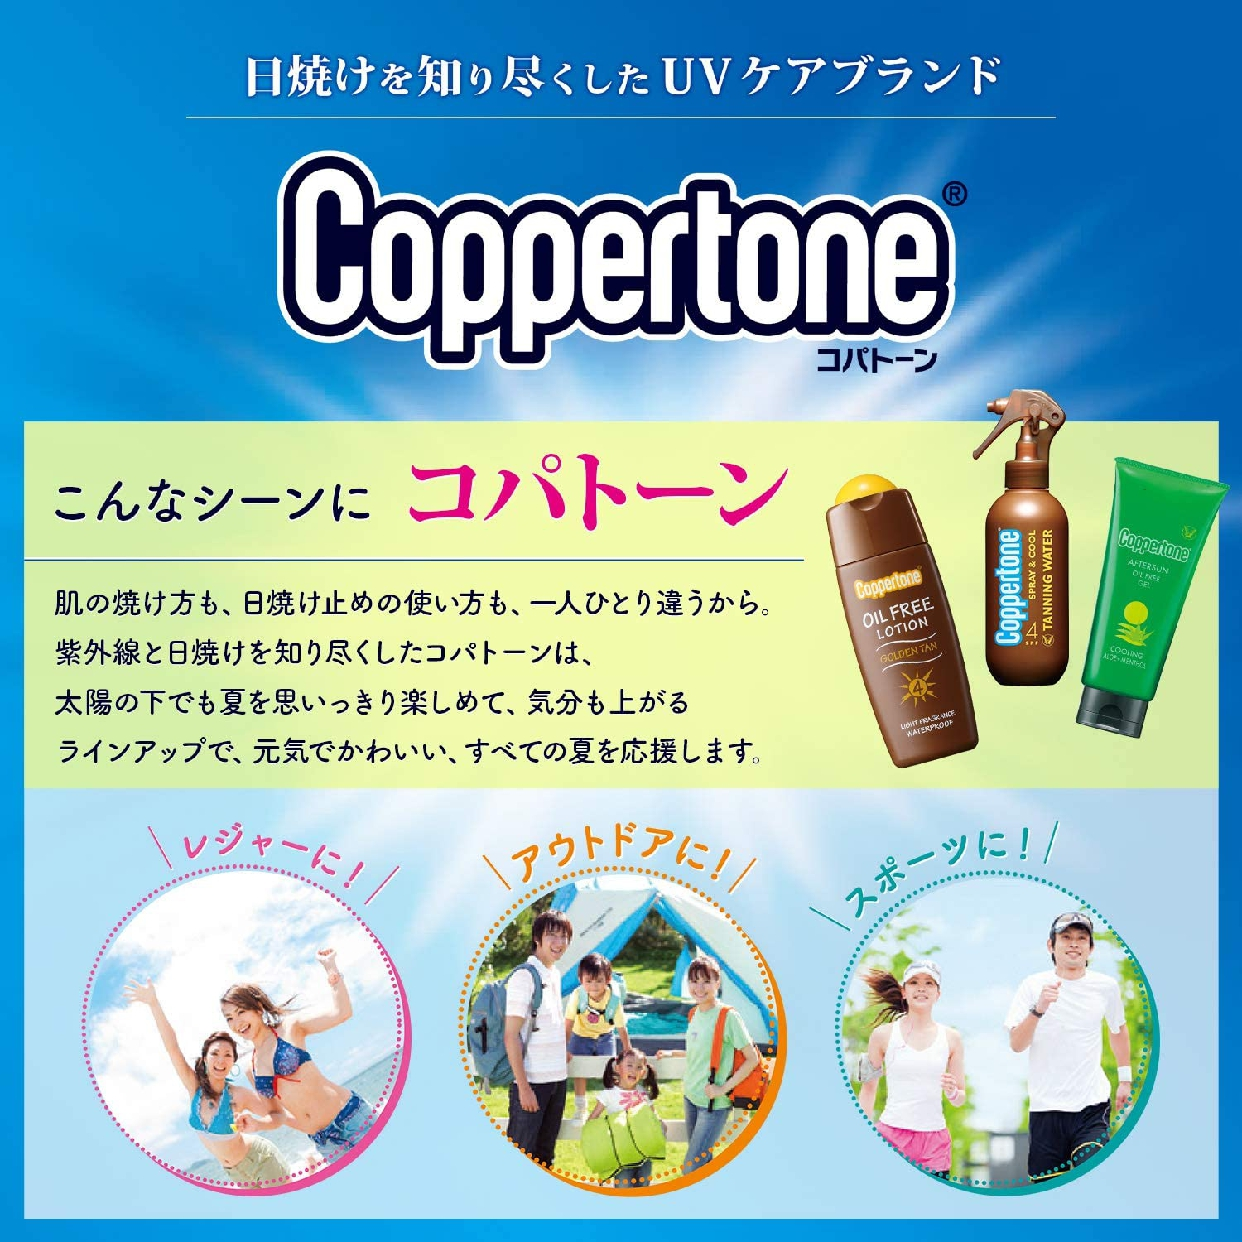 Coppertone(コパトーン)コパトーン トロピカル サンドフリー ハワイの商品画像